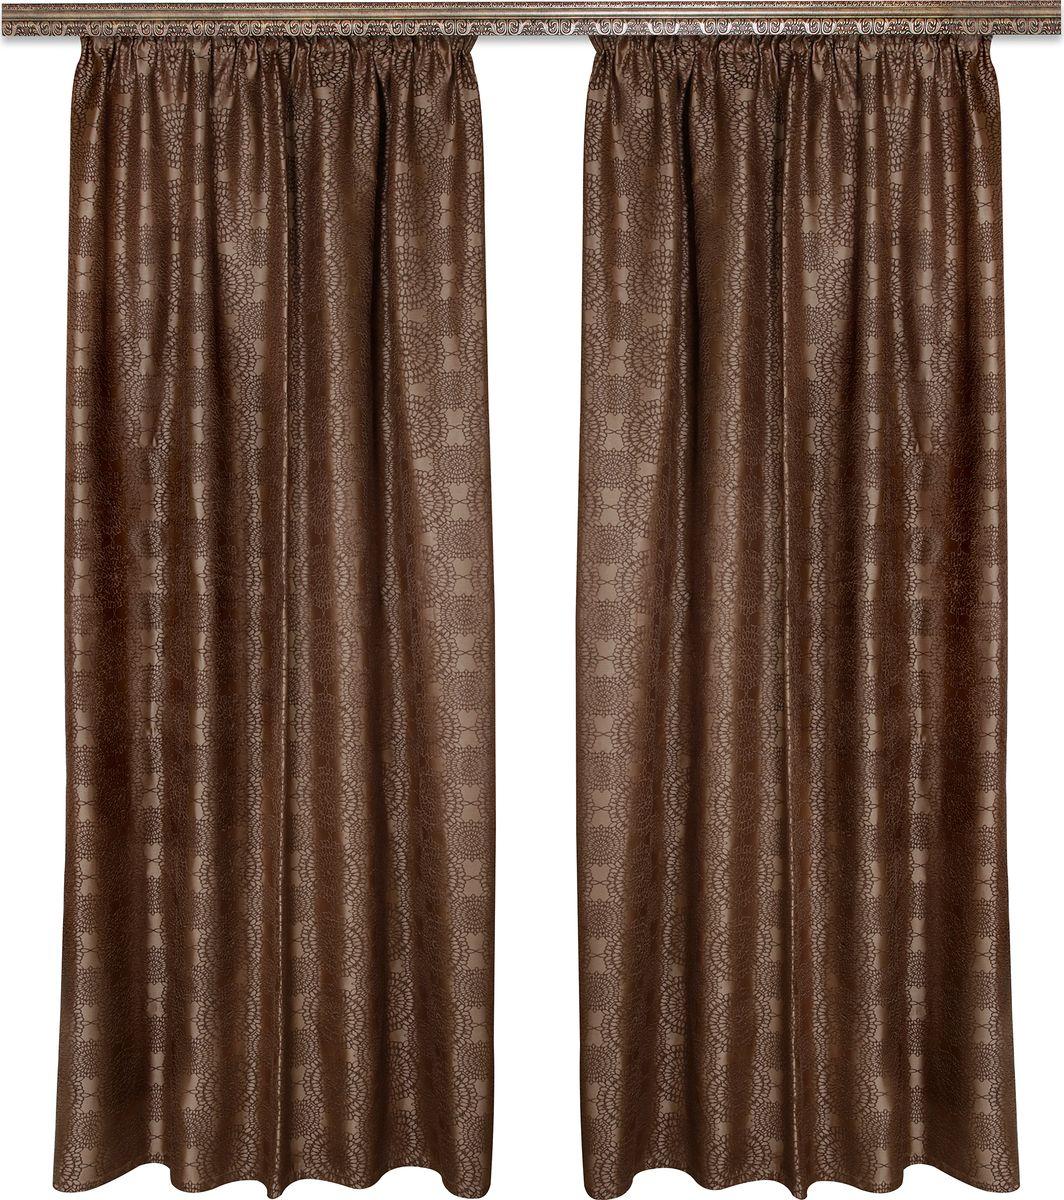 Комплект штор Zlata Korunka, на ленте, цвет: коричневый, высота 270 см. 777105777105Роскошный комплект штор Zlata Korunka комплект состоит из двух портьер, выполненных из 100% полиэстера, которыевеликолепно украсит любое окно. Плотная ткань, оригинальный орнамент и приятная цветовая гамма привлекут к себе внимание и органично впишутся в интерьерпомещения.Комплект крепится на карниз при помощи шторной ленты, которая поможеткрасиво и равномерно задрапировать верх. Этот комплект будет долгое время радовать вас и вашу семью!В комплект входит:Штора: 2 шт. Размер (ШхВ): 160 см х 270 см.